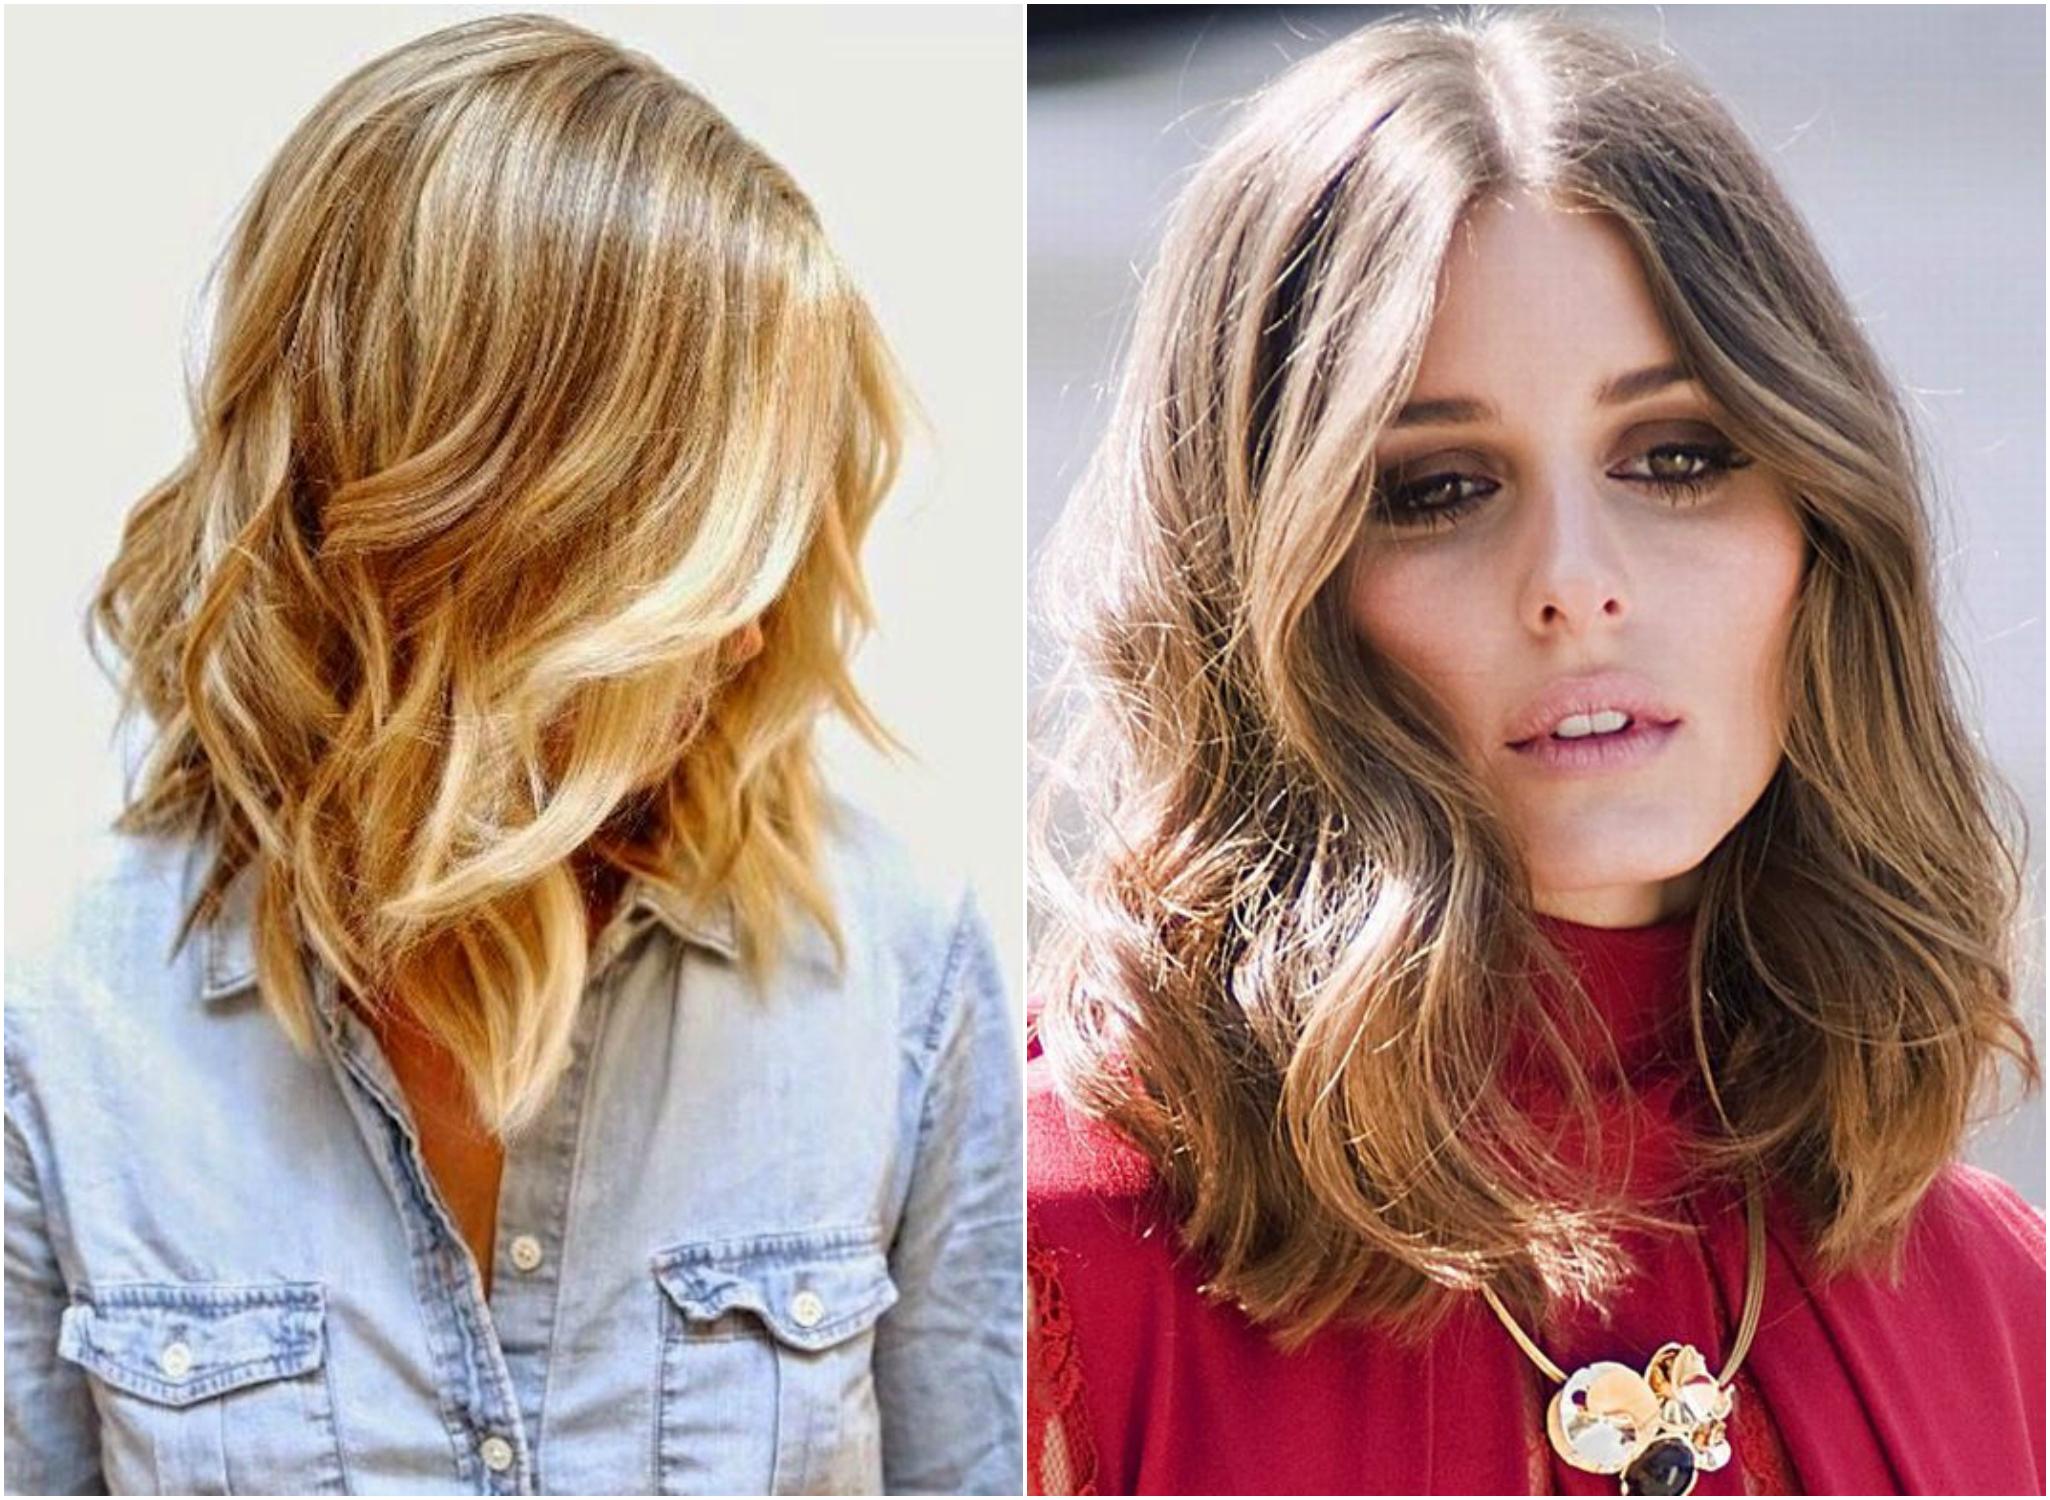 Fotos de cabelos ruivos curtos 74